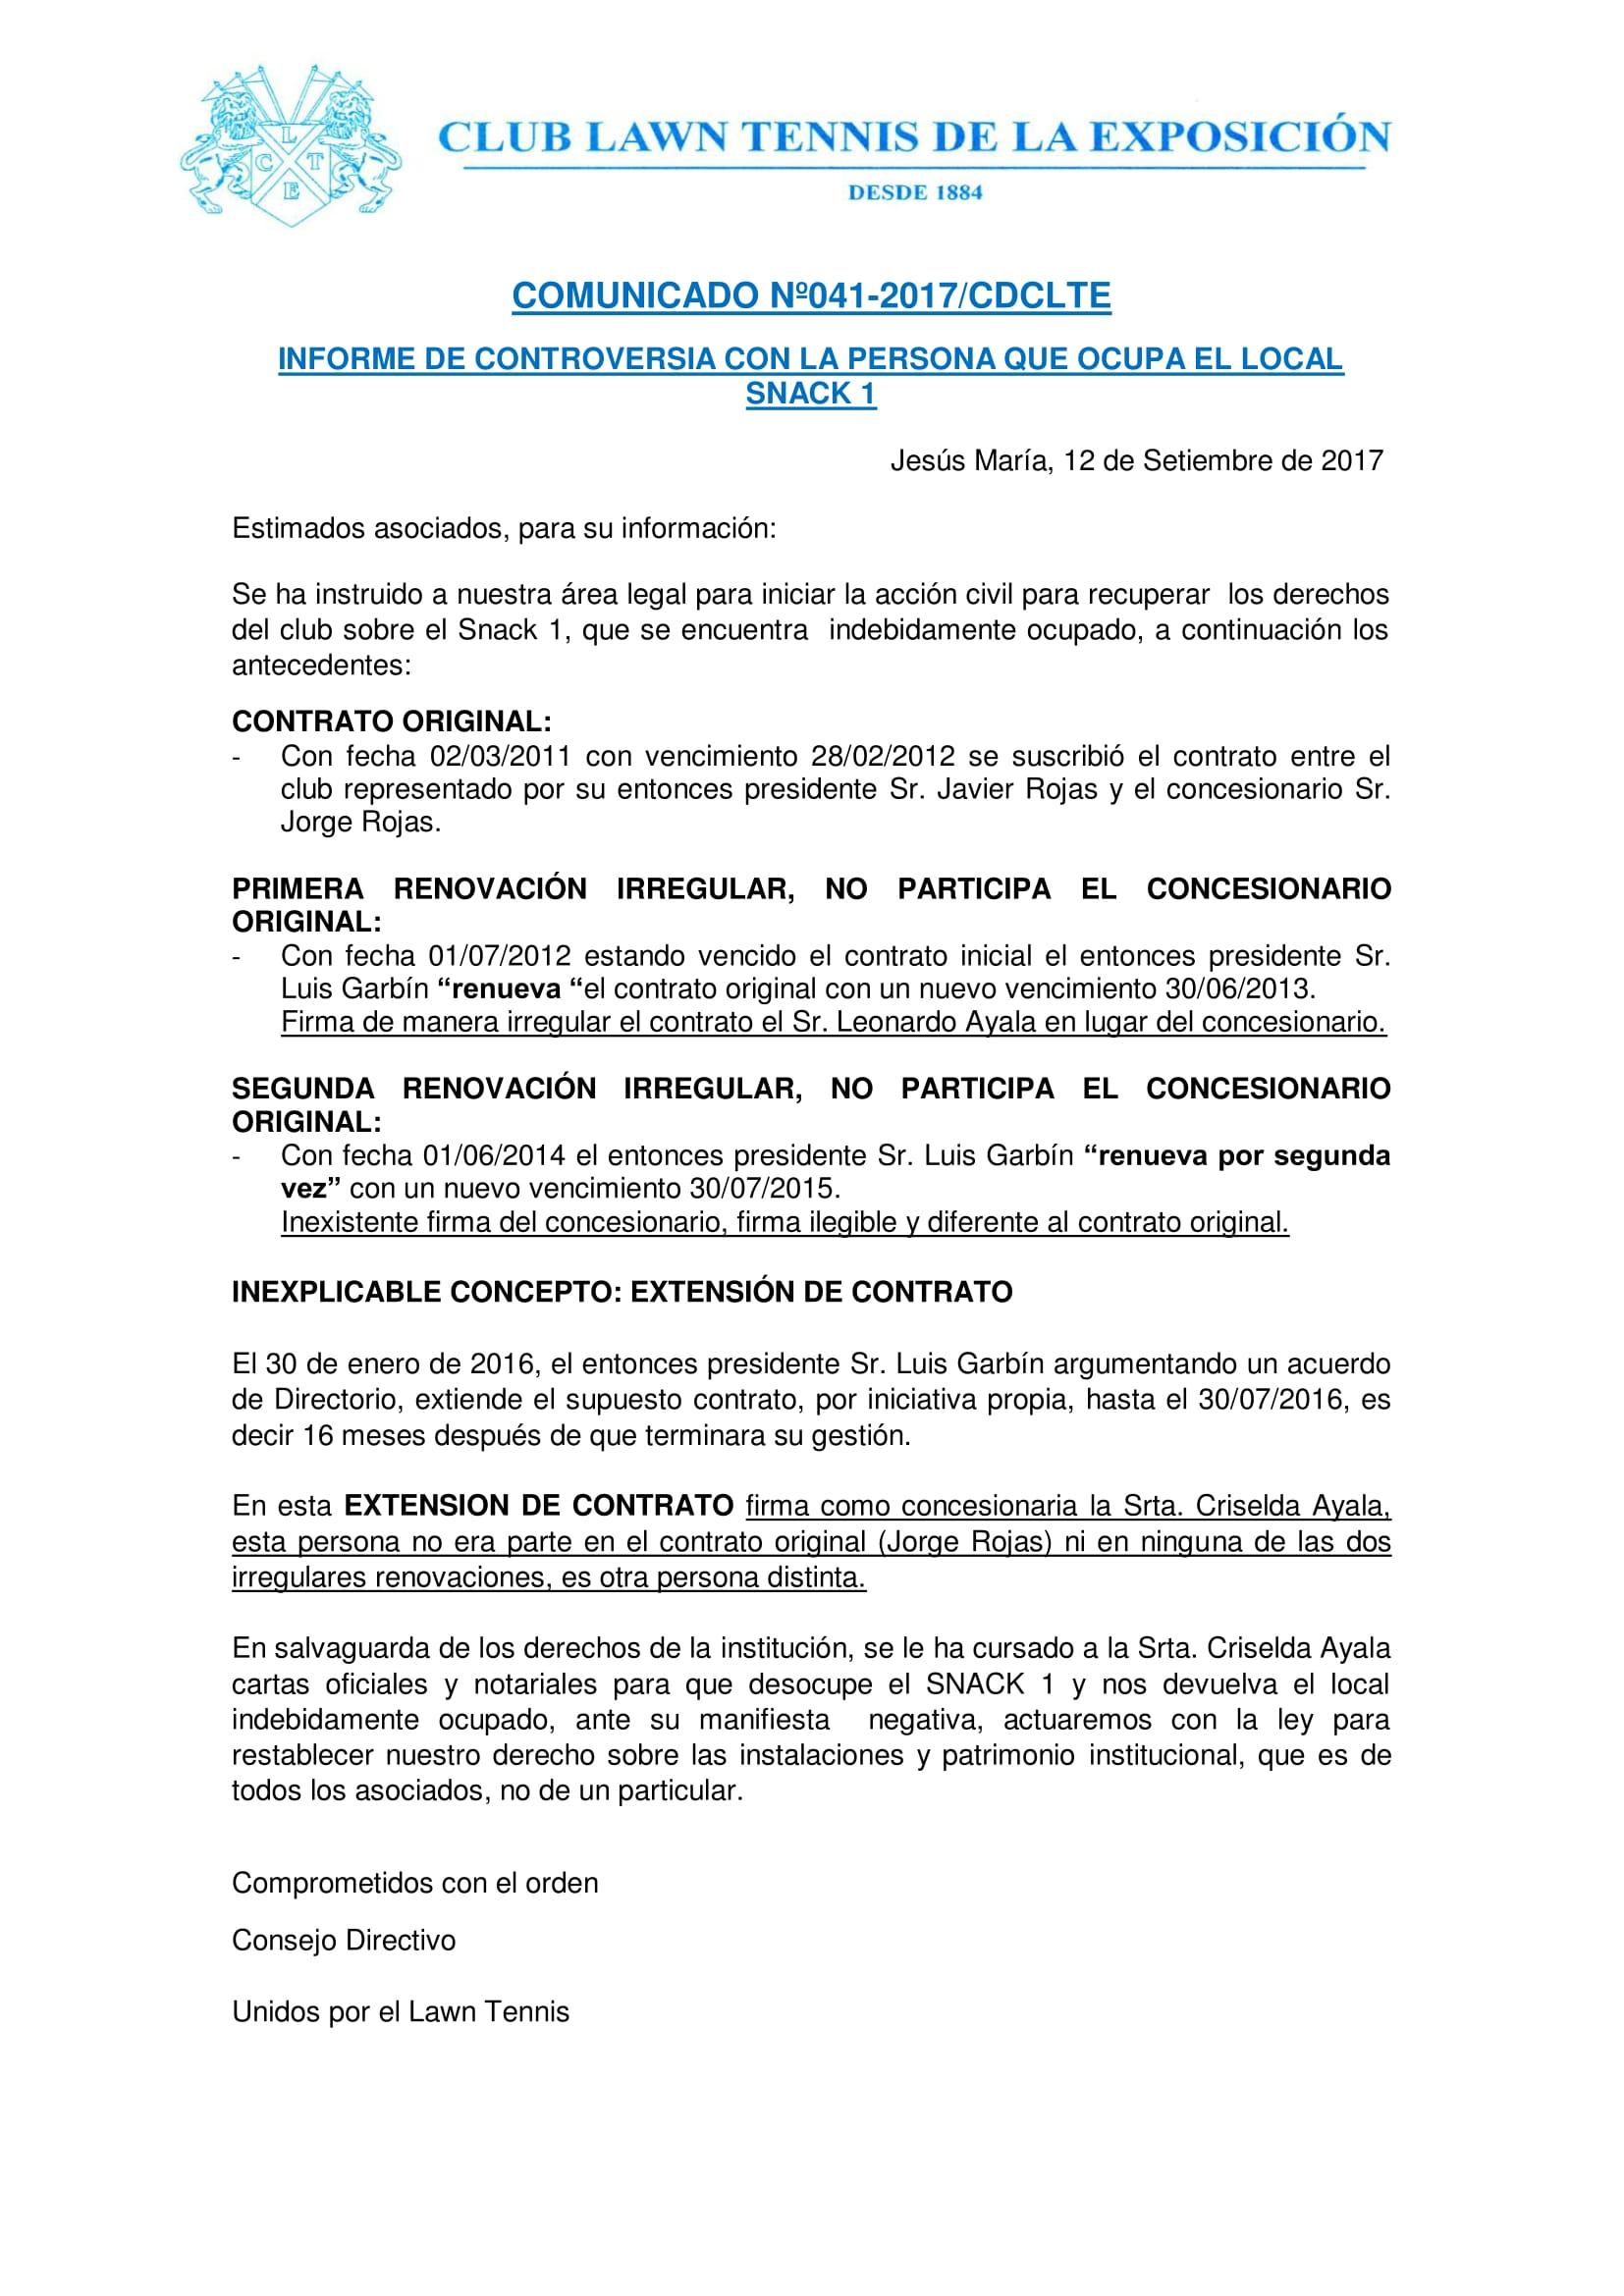 Comunicado 041 - INFORME CONTROVERSIA SNACK 1